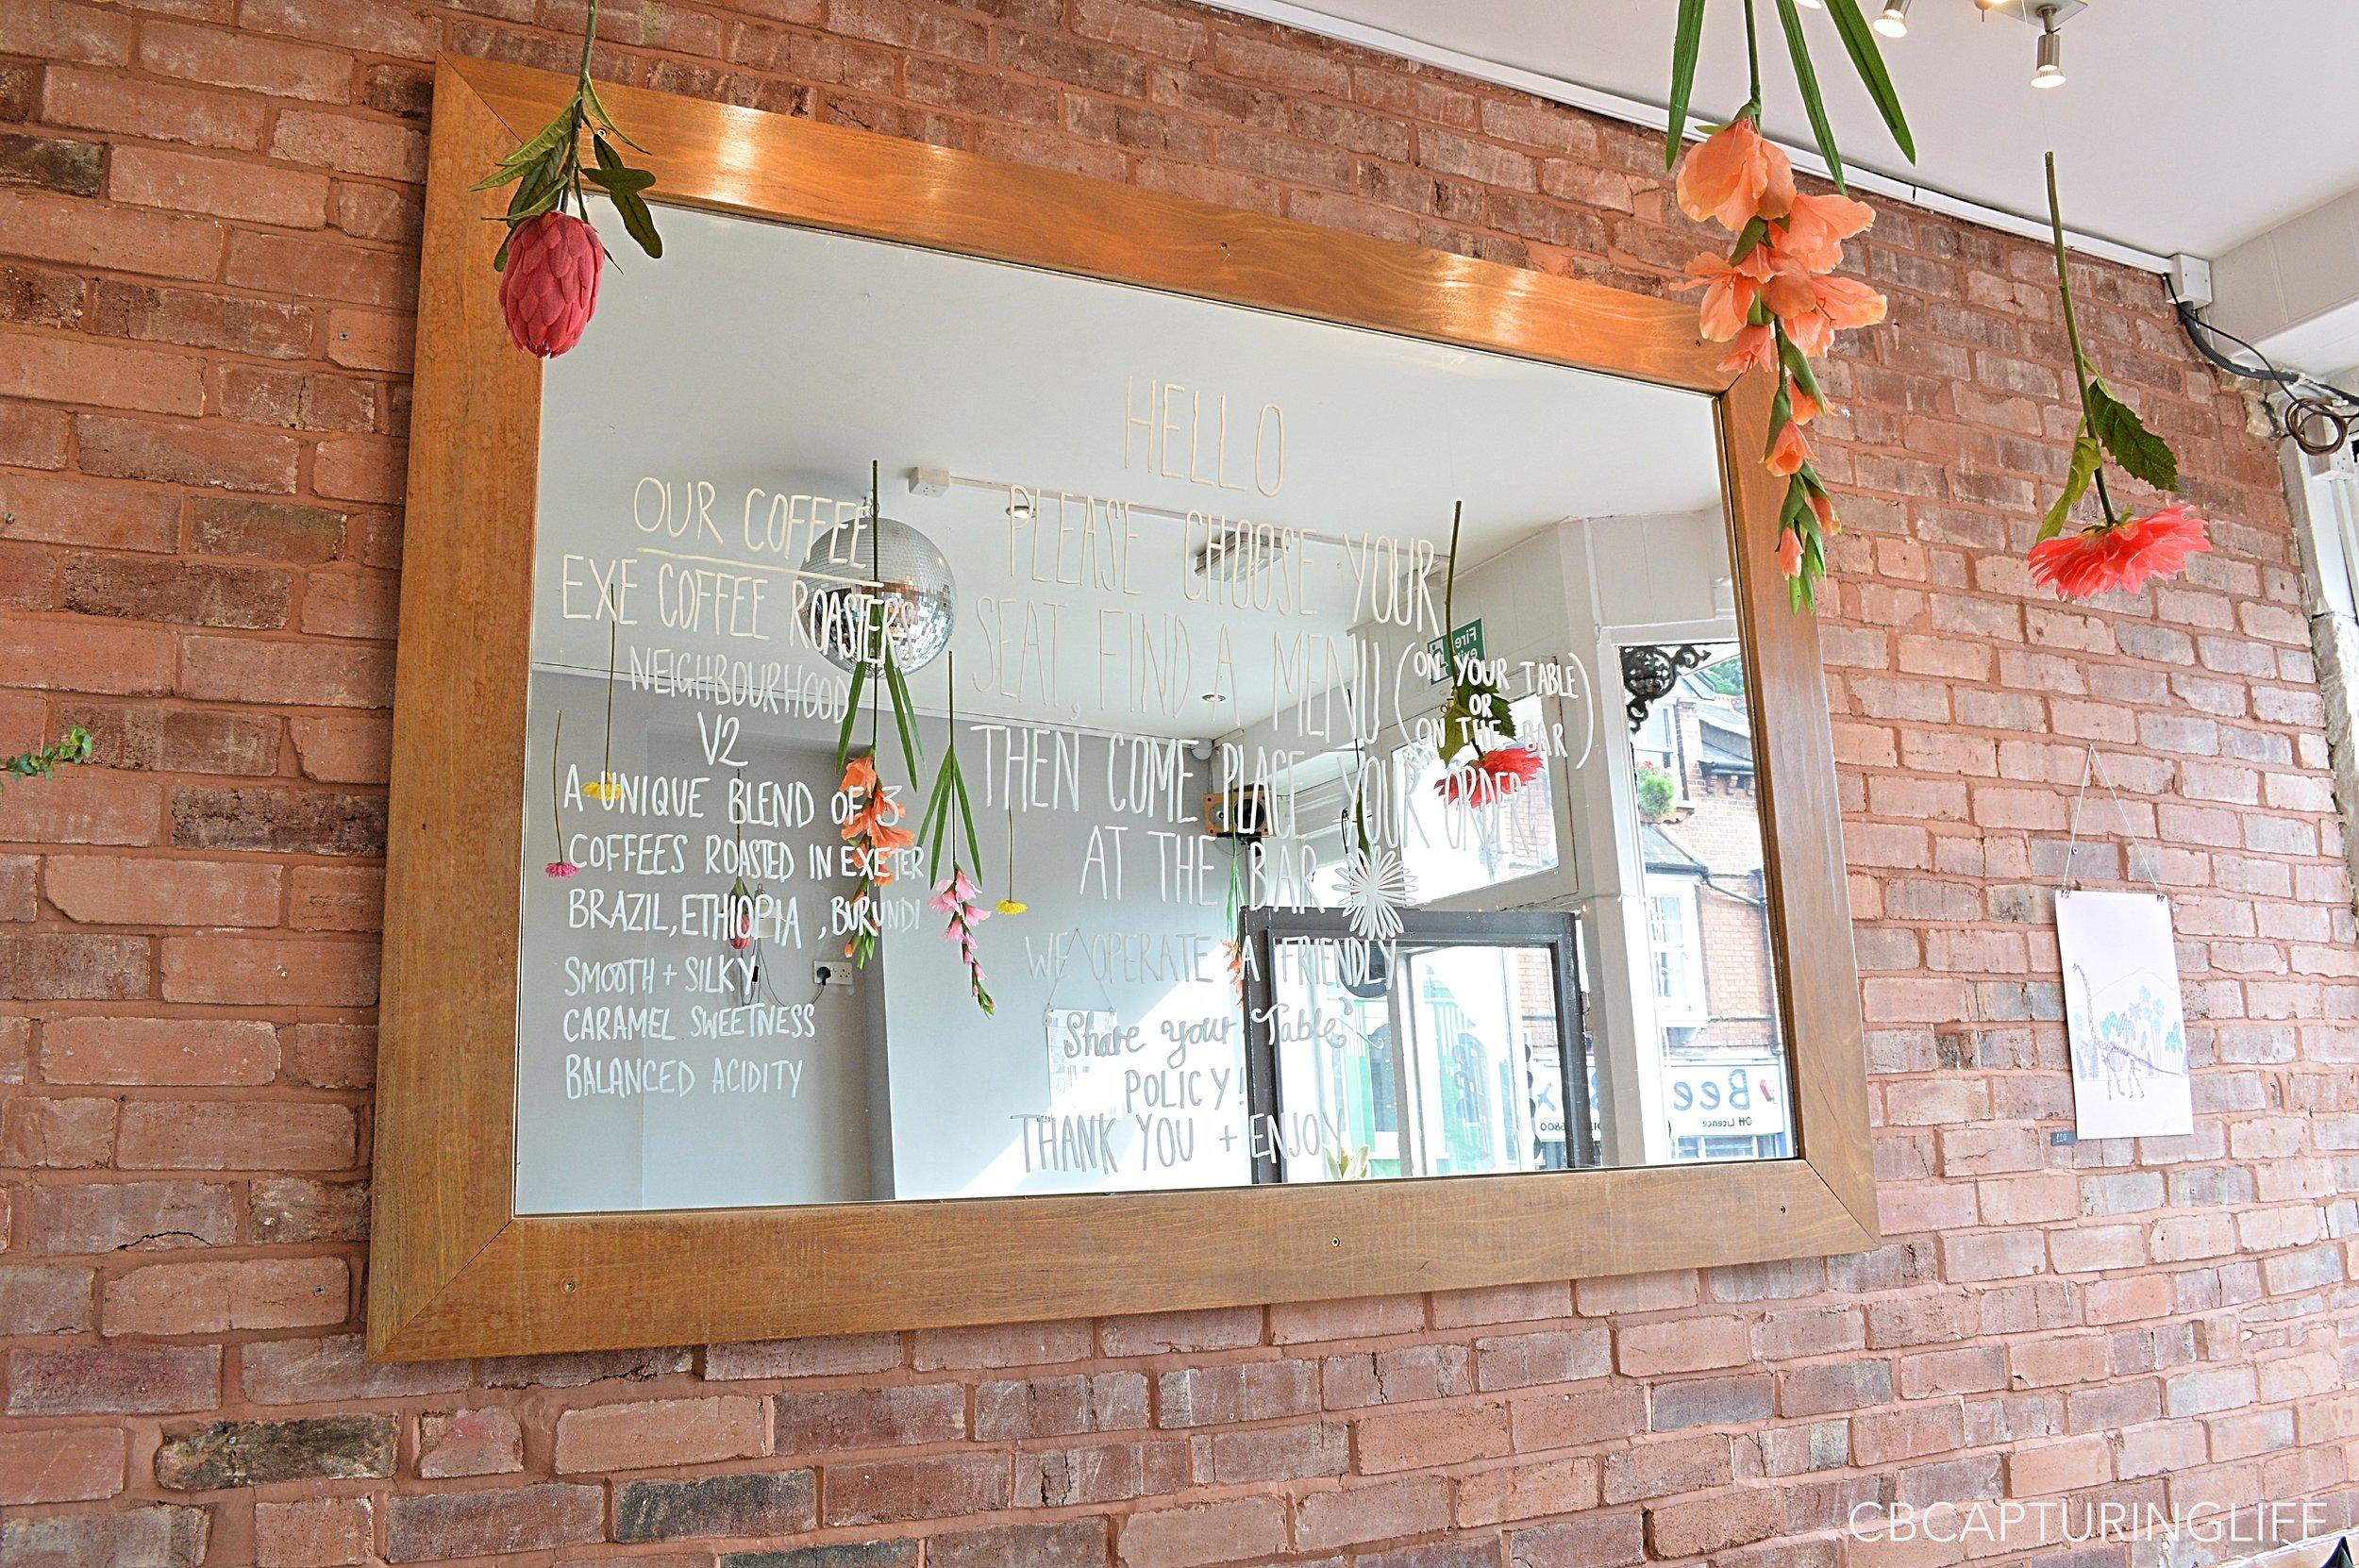 Polsloe Cafe.jpg